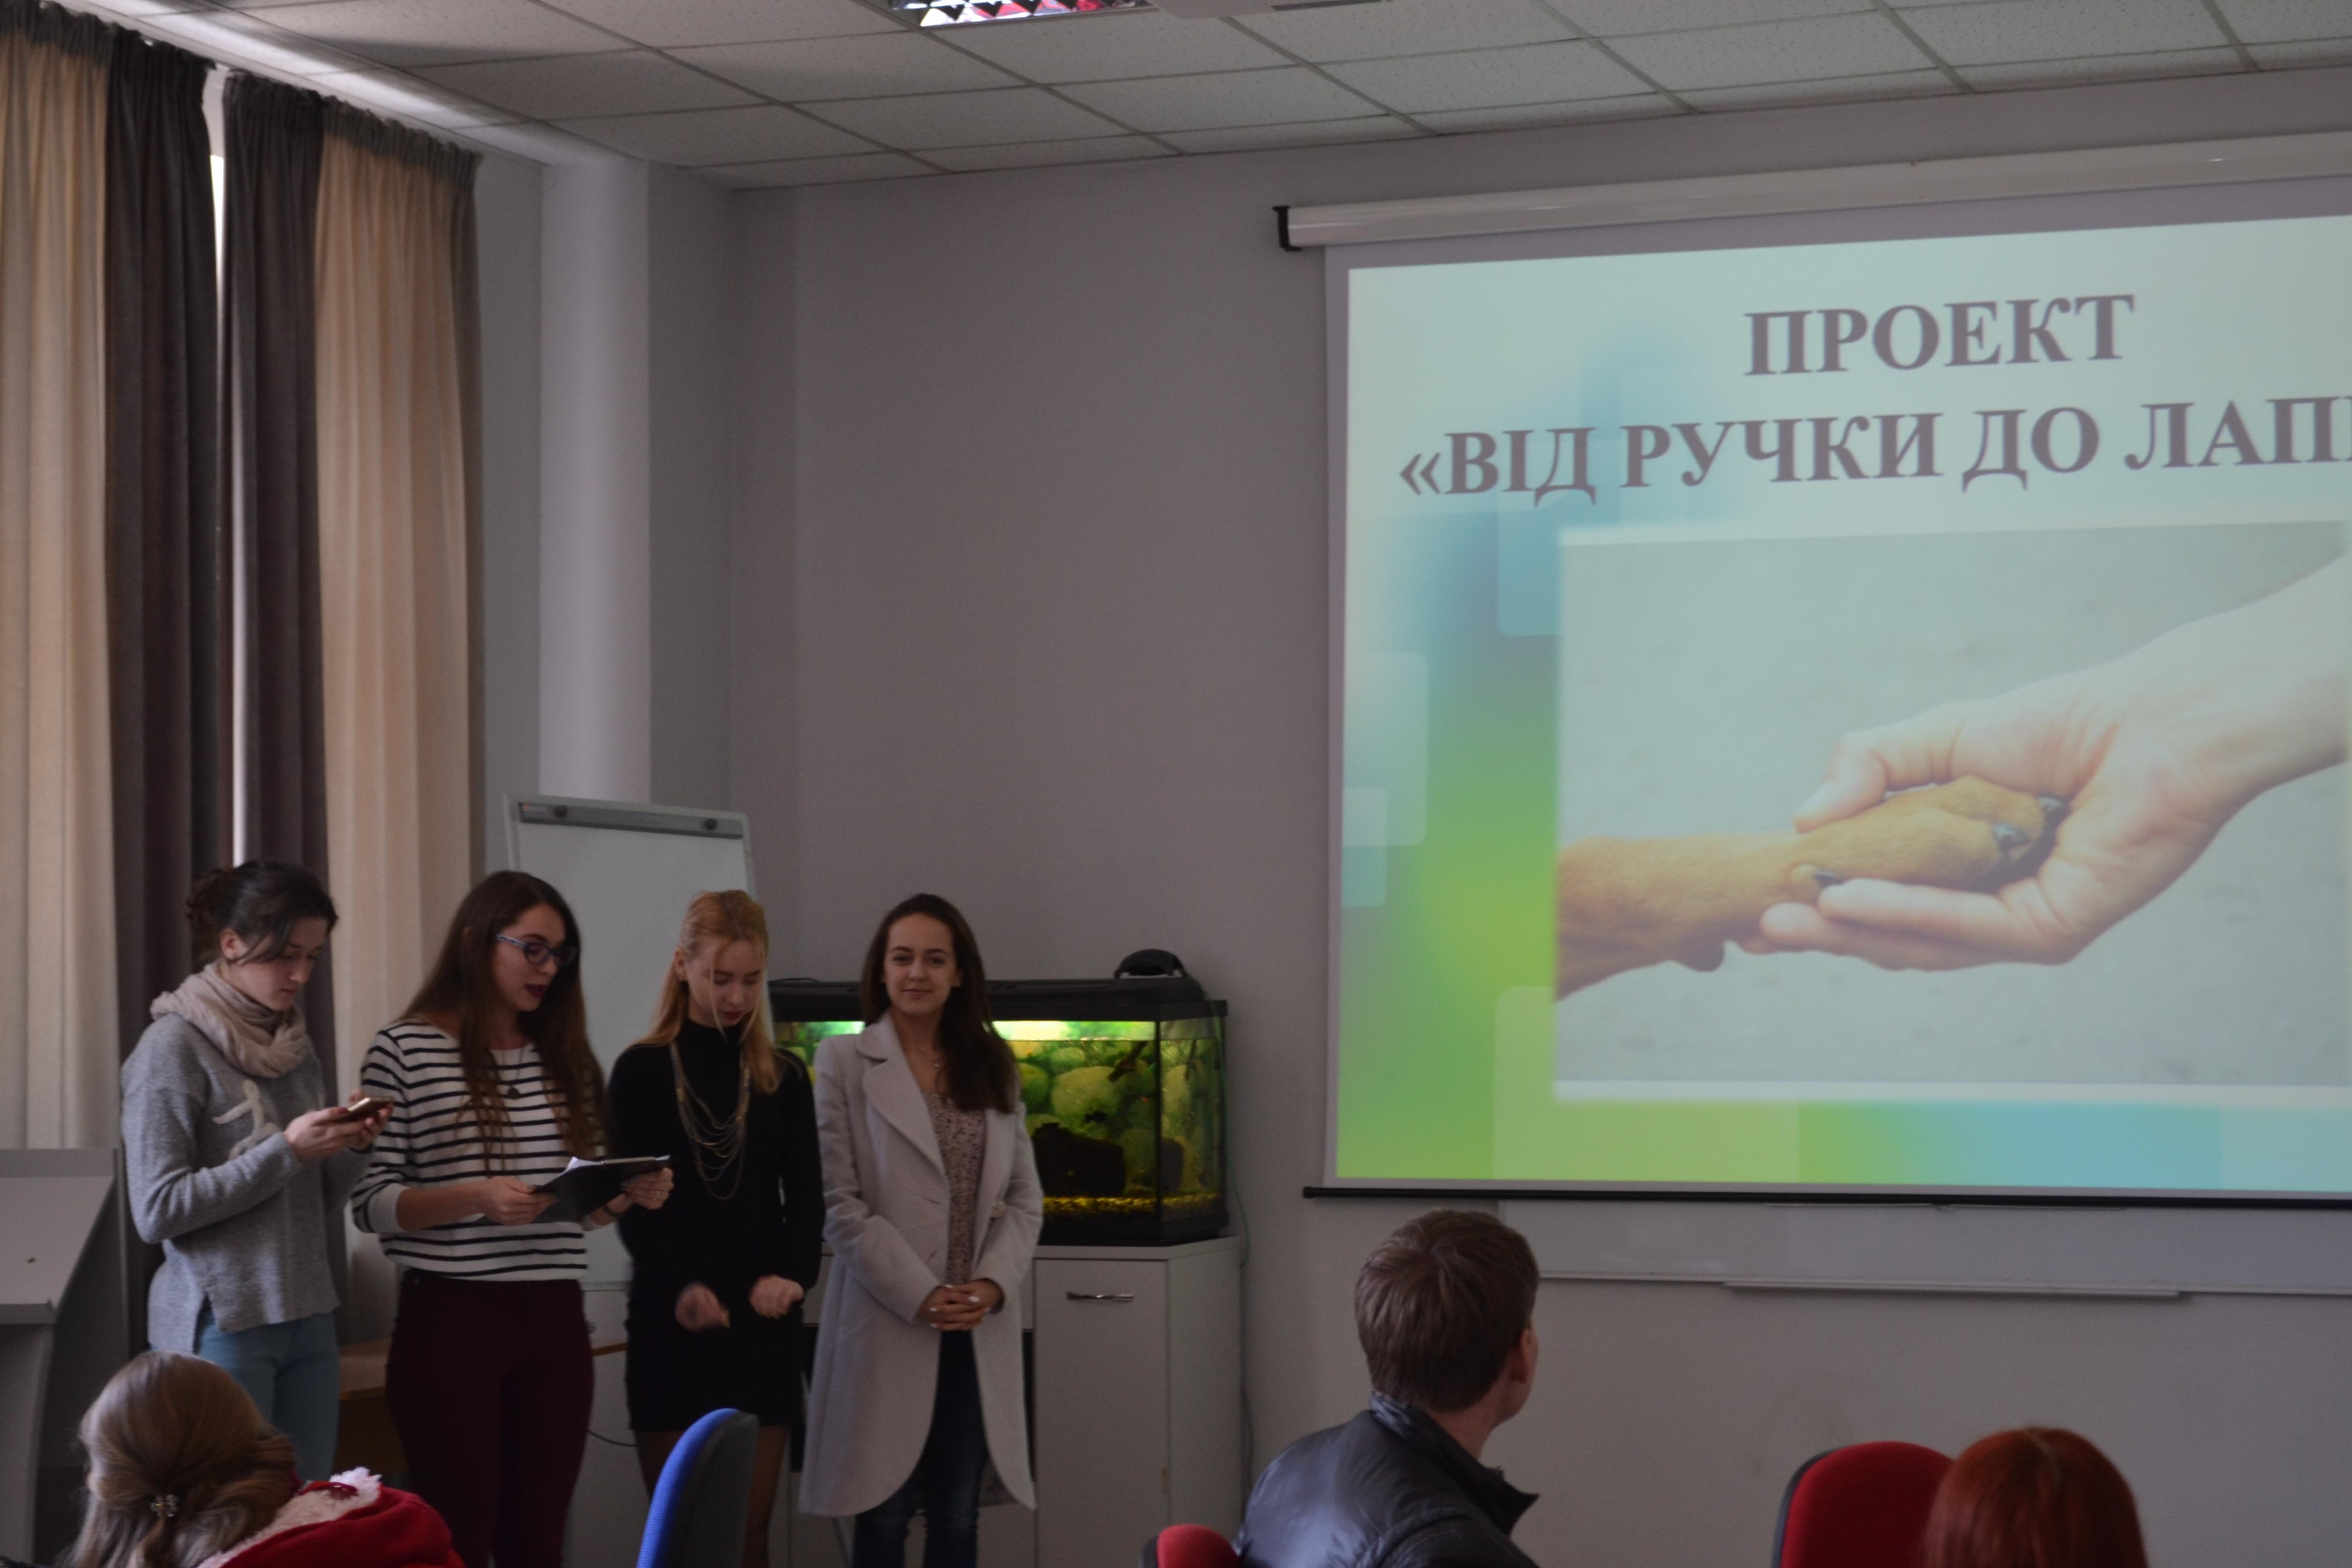 7_Proekt_413_grupi_Vid_ruchki_do_lapki